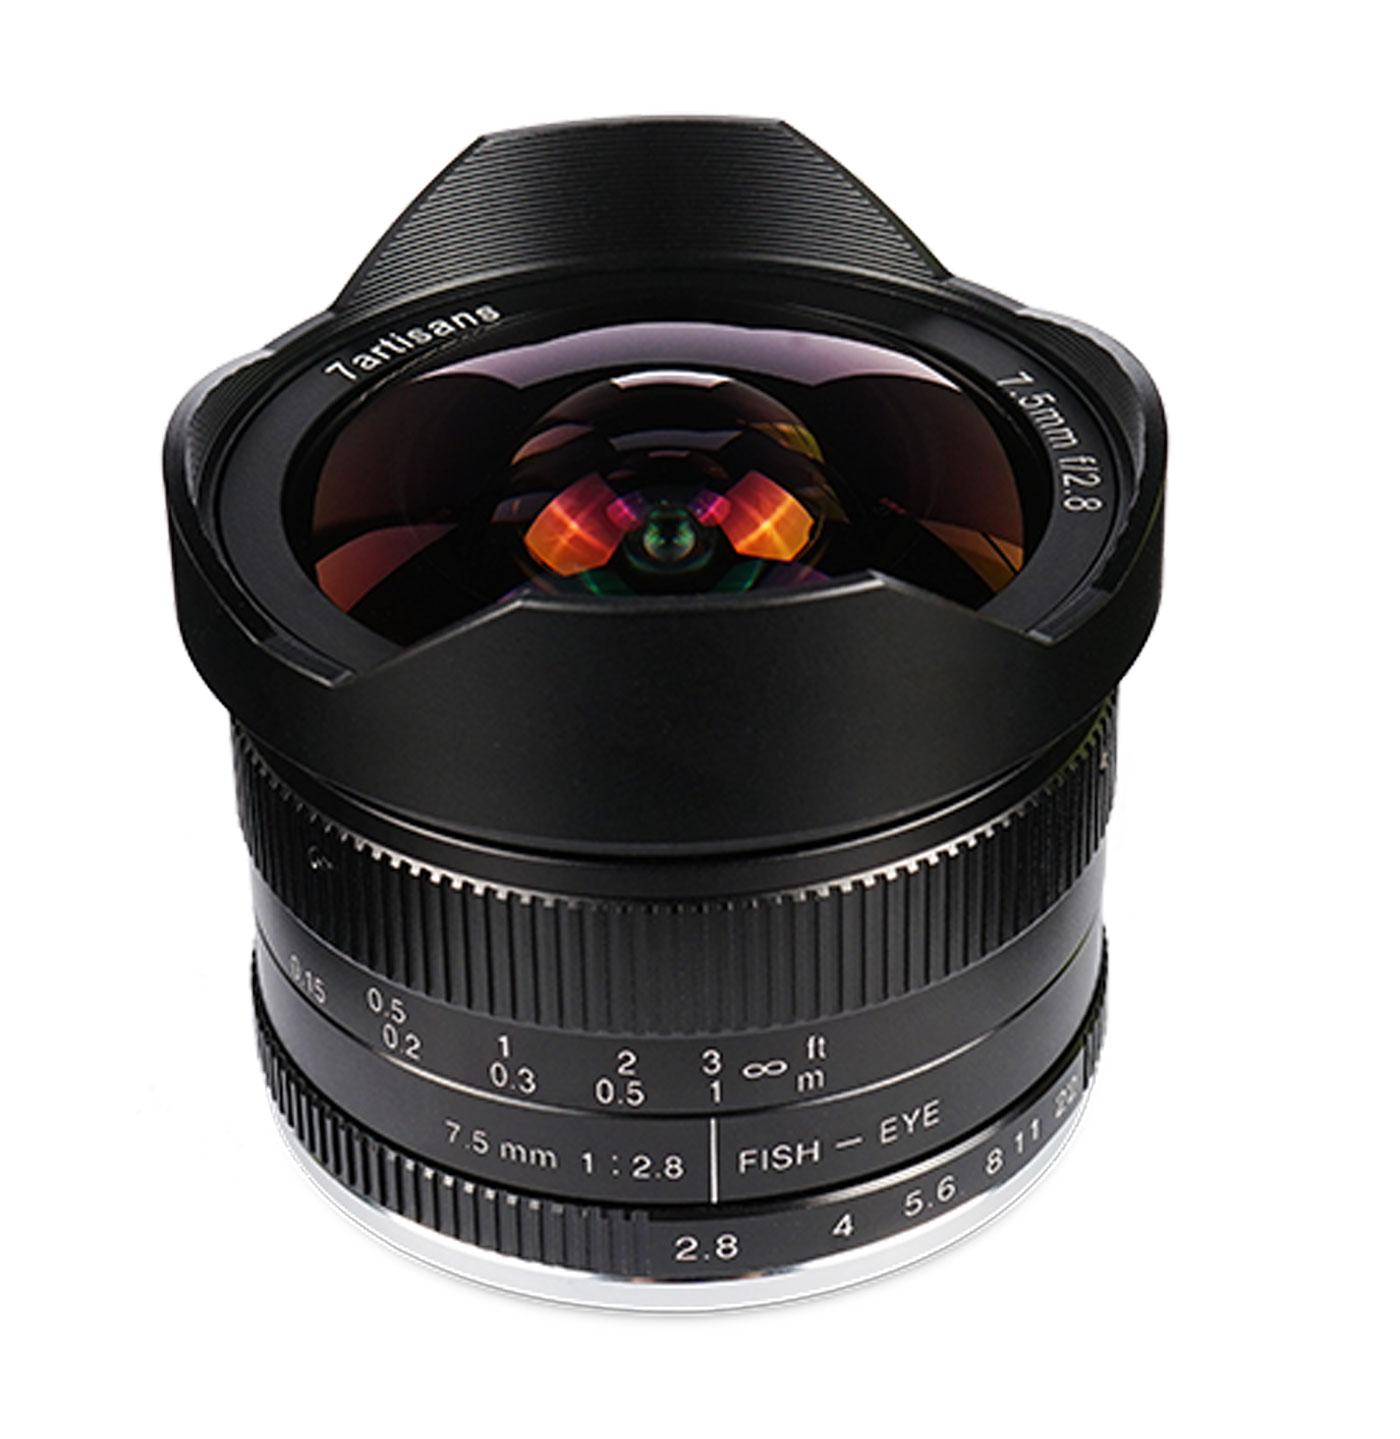 7Artisans 7,5 mm 1:2,8 für Fujifilm X